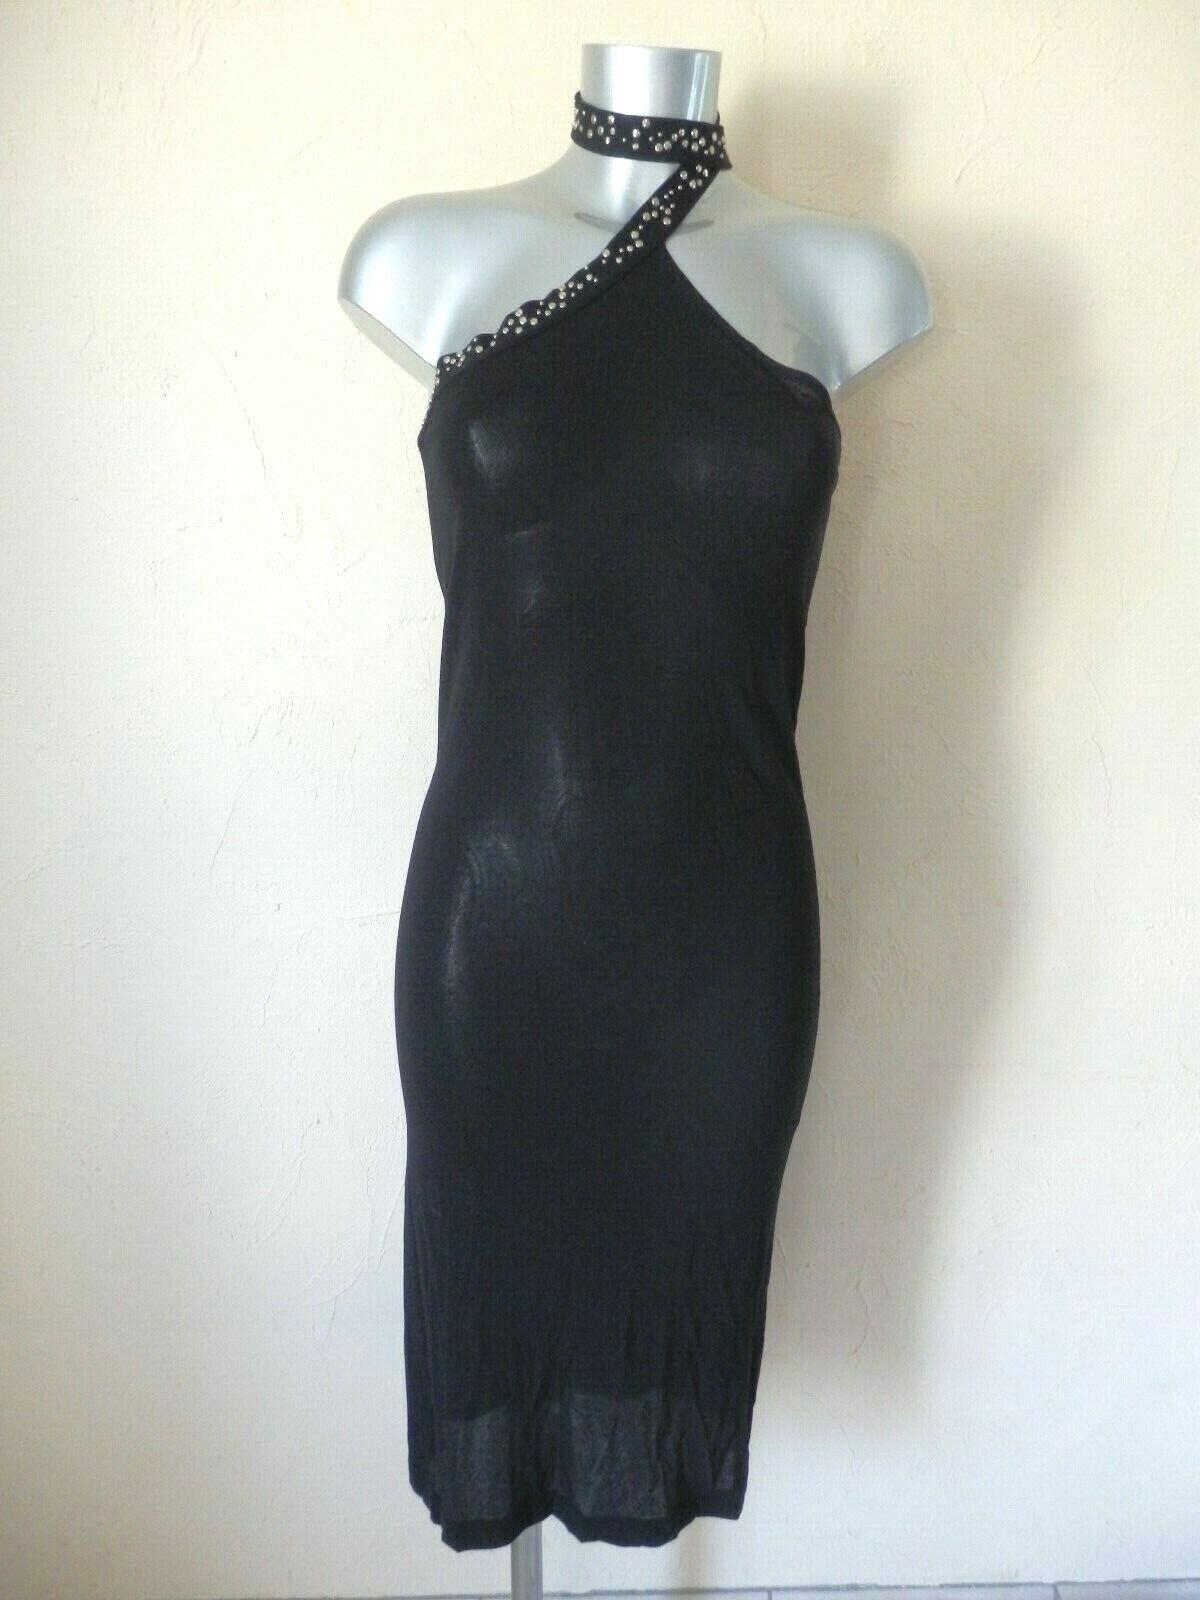 Chloé - Abendkleid - Größe 36fr - Schwarz - Authentisch